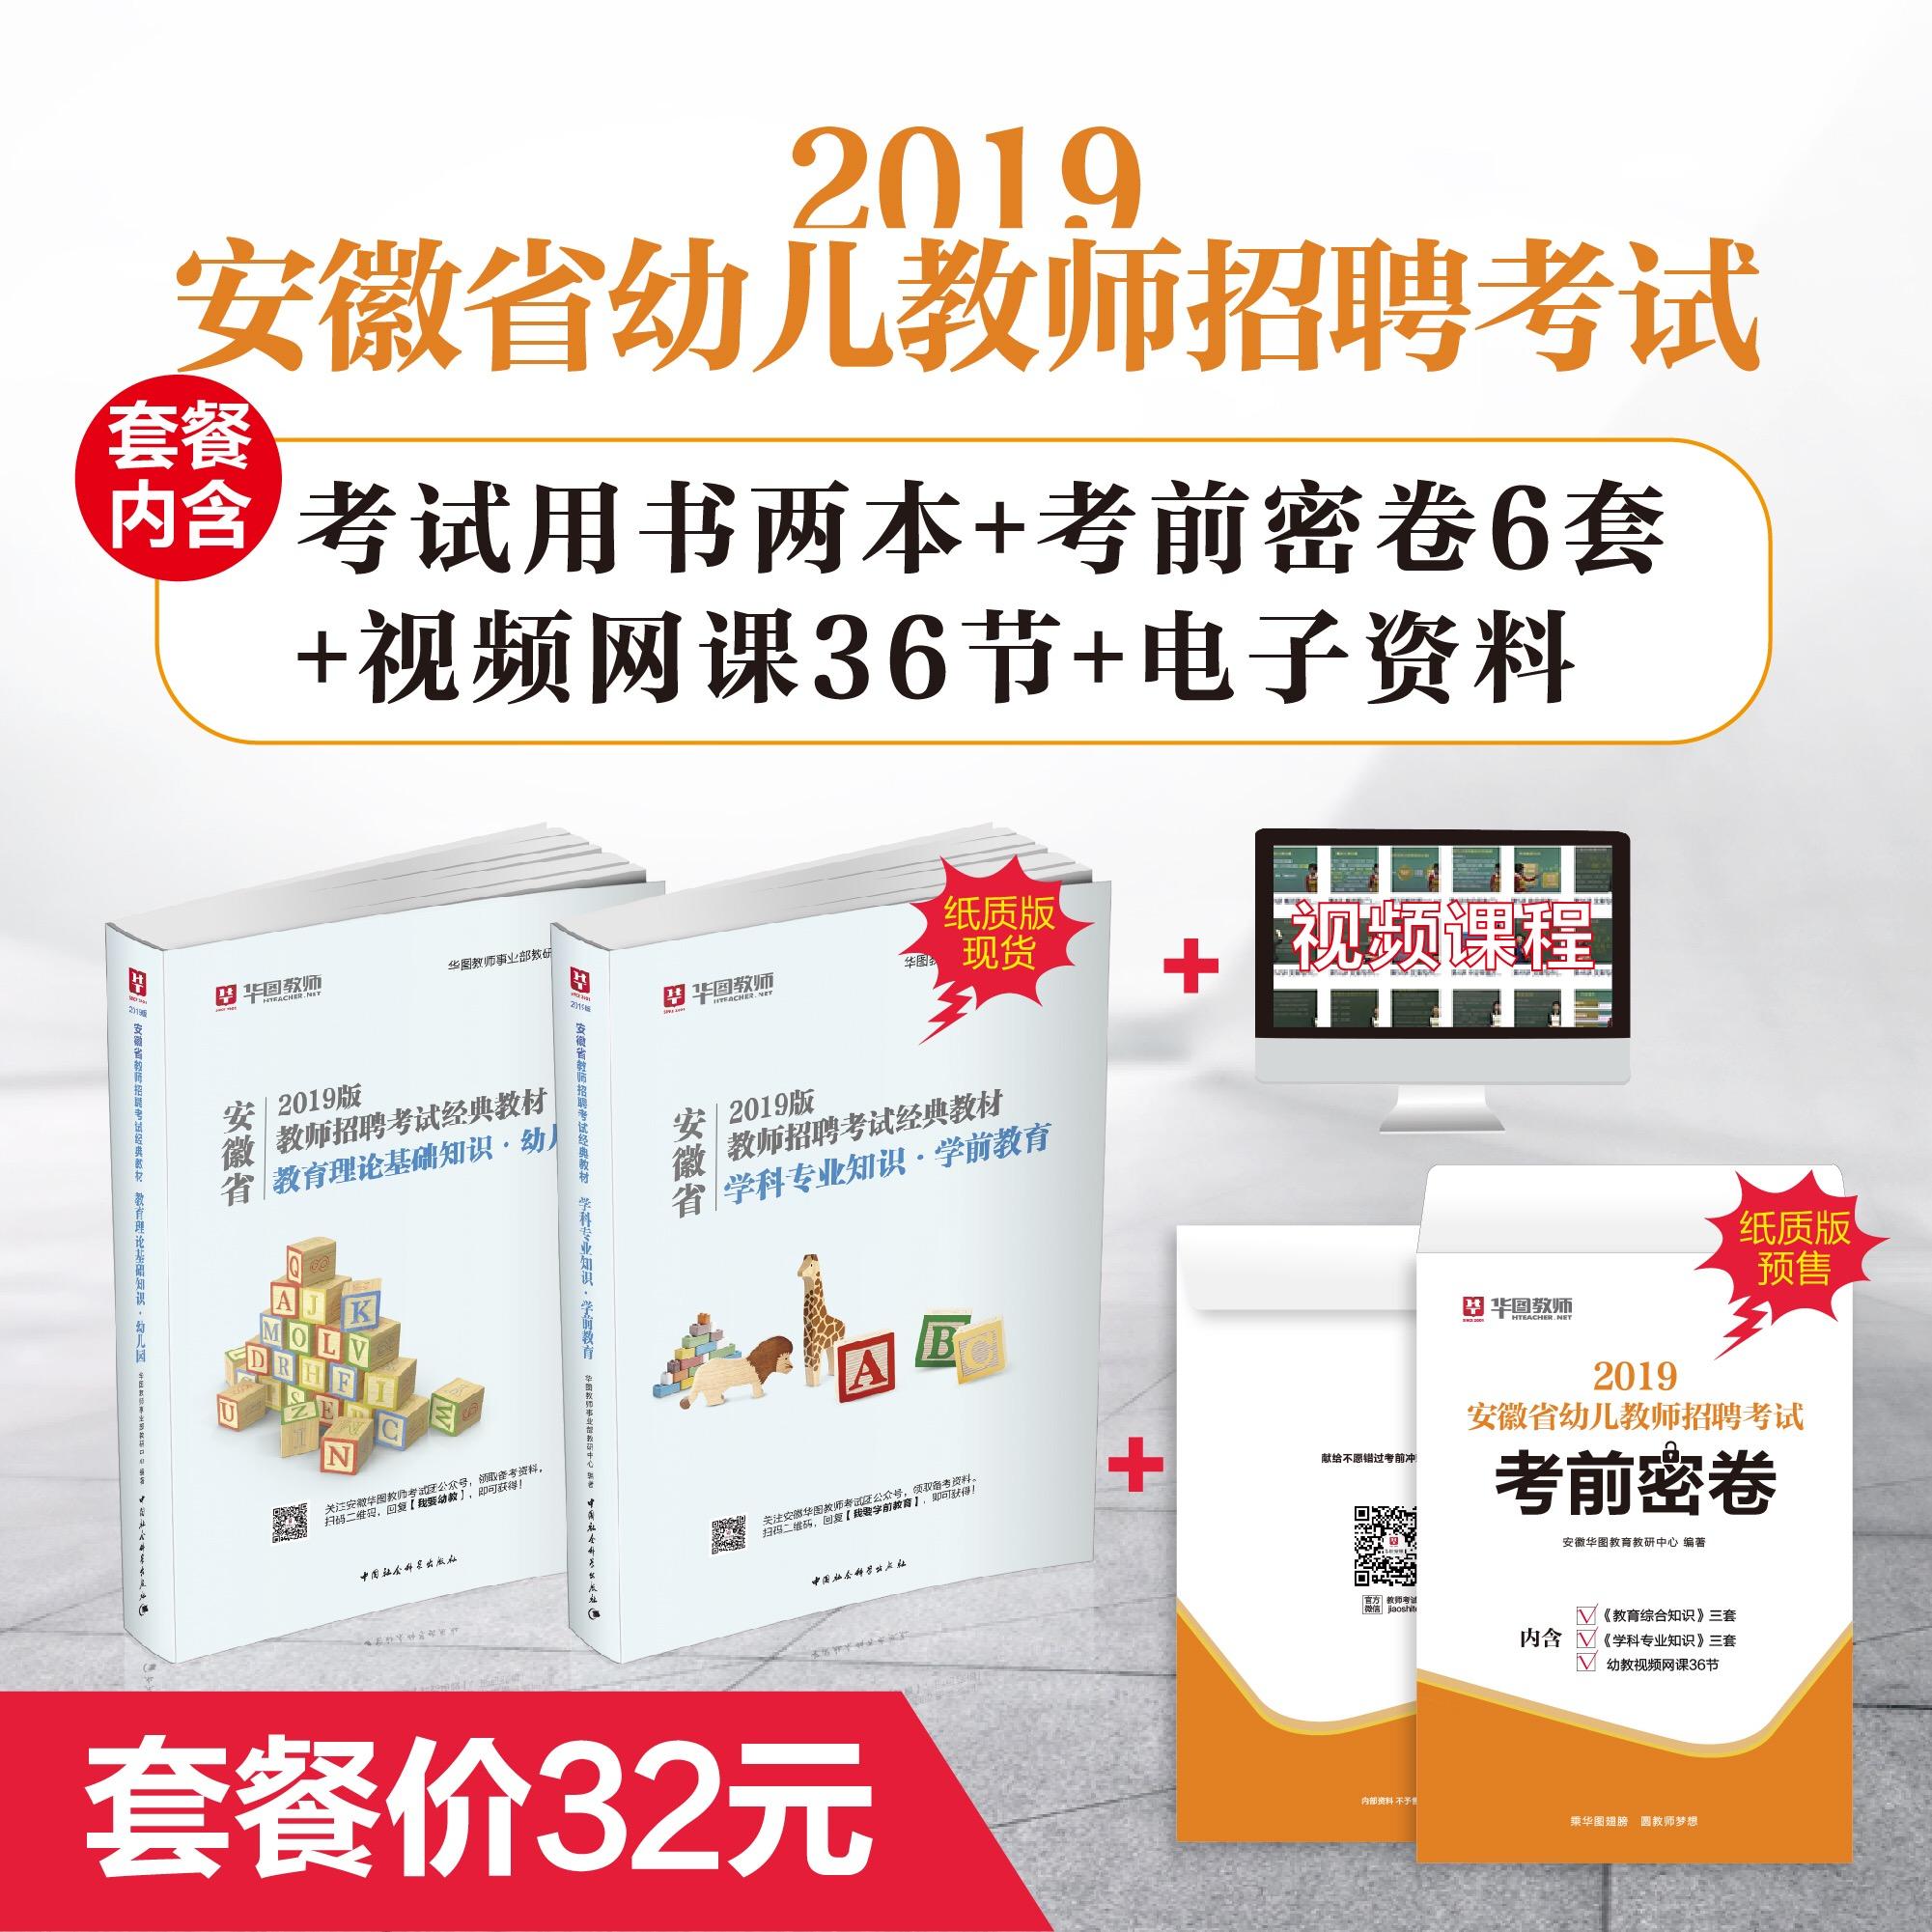 2019芜湖南陵县招县公办幼儿园保育员更正公告